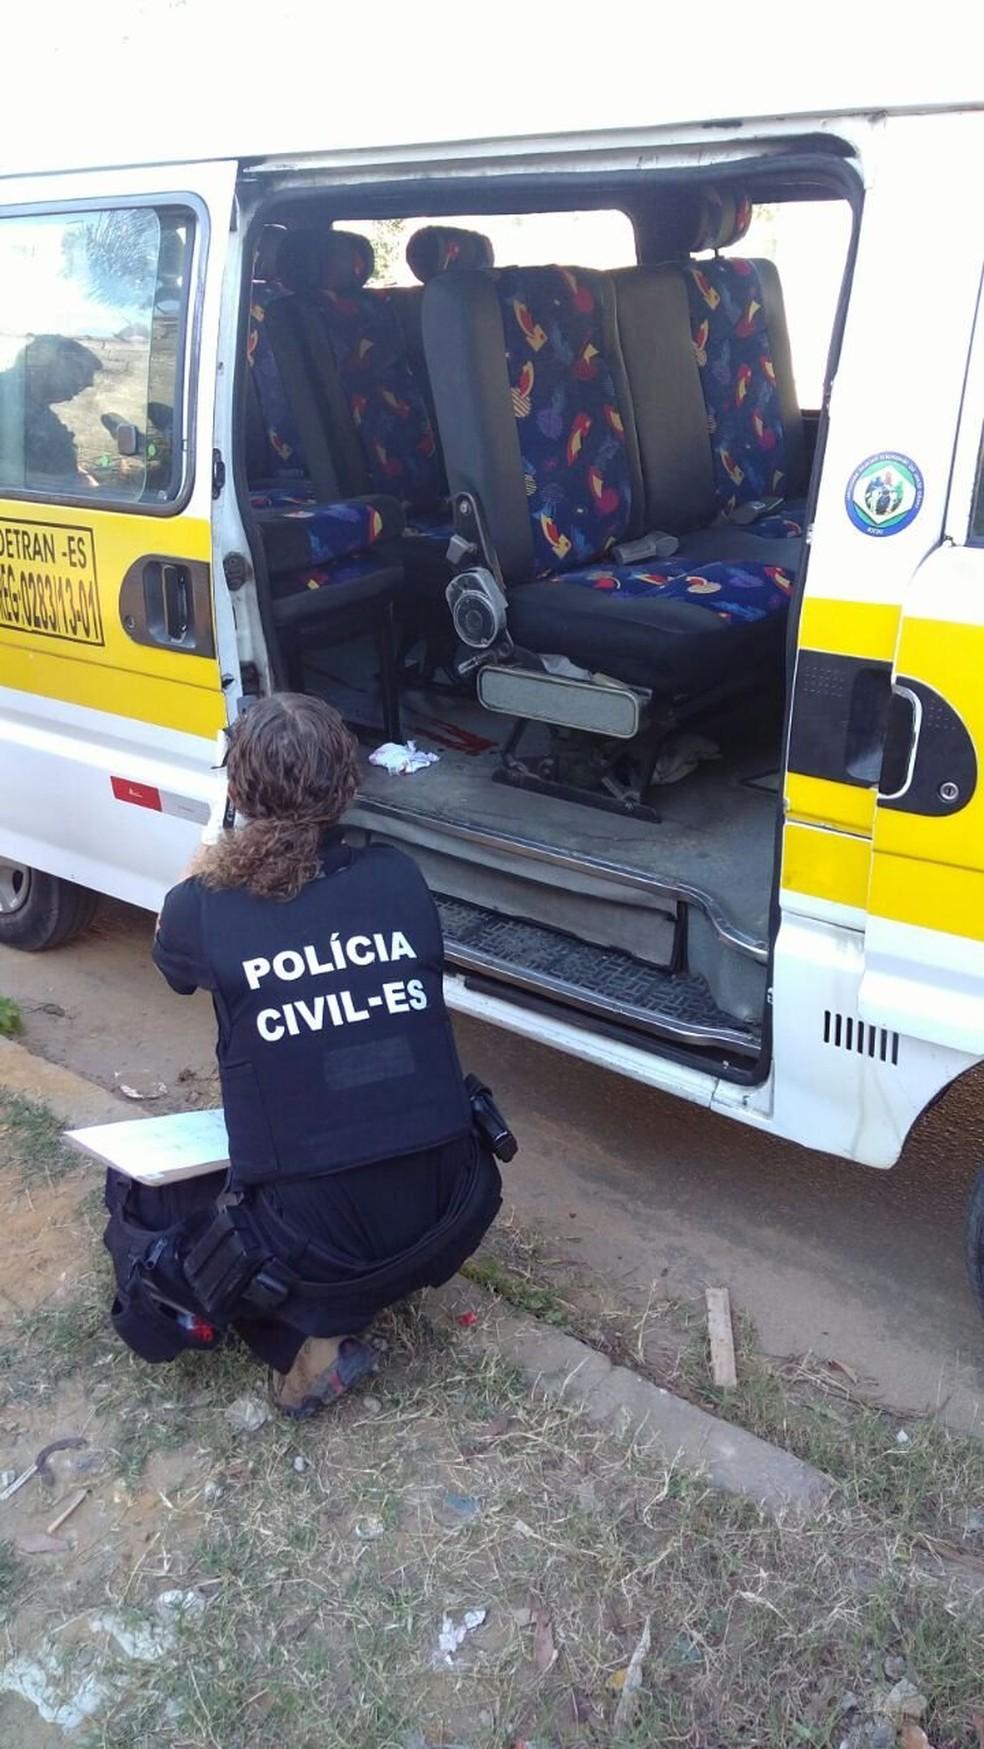 Crianças ficam feridas em troca de tiros entre agente e criminosos (Foto: Ruhani Maia/ A Gazeta)